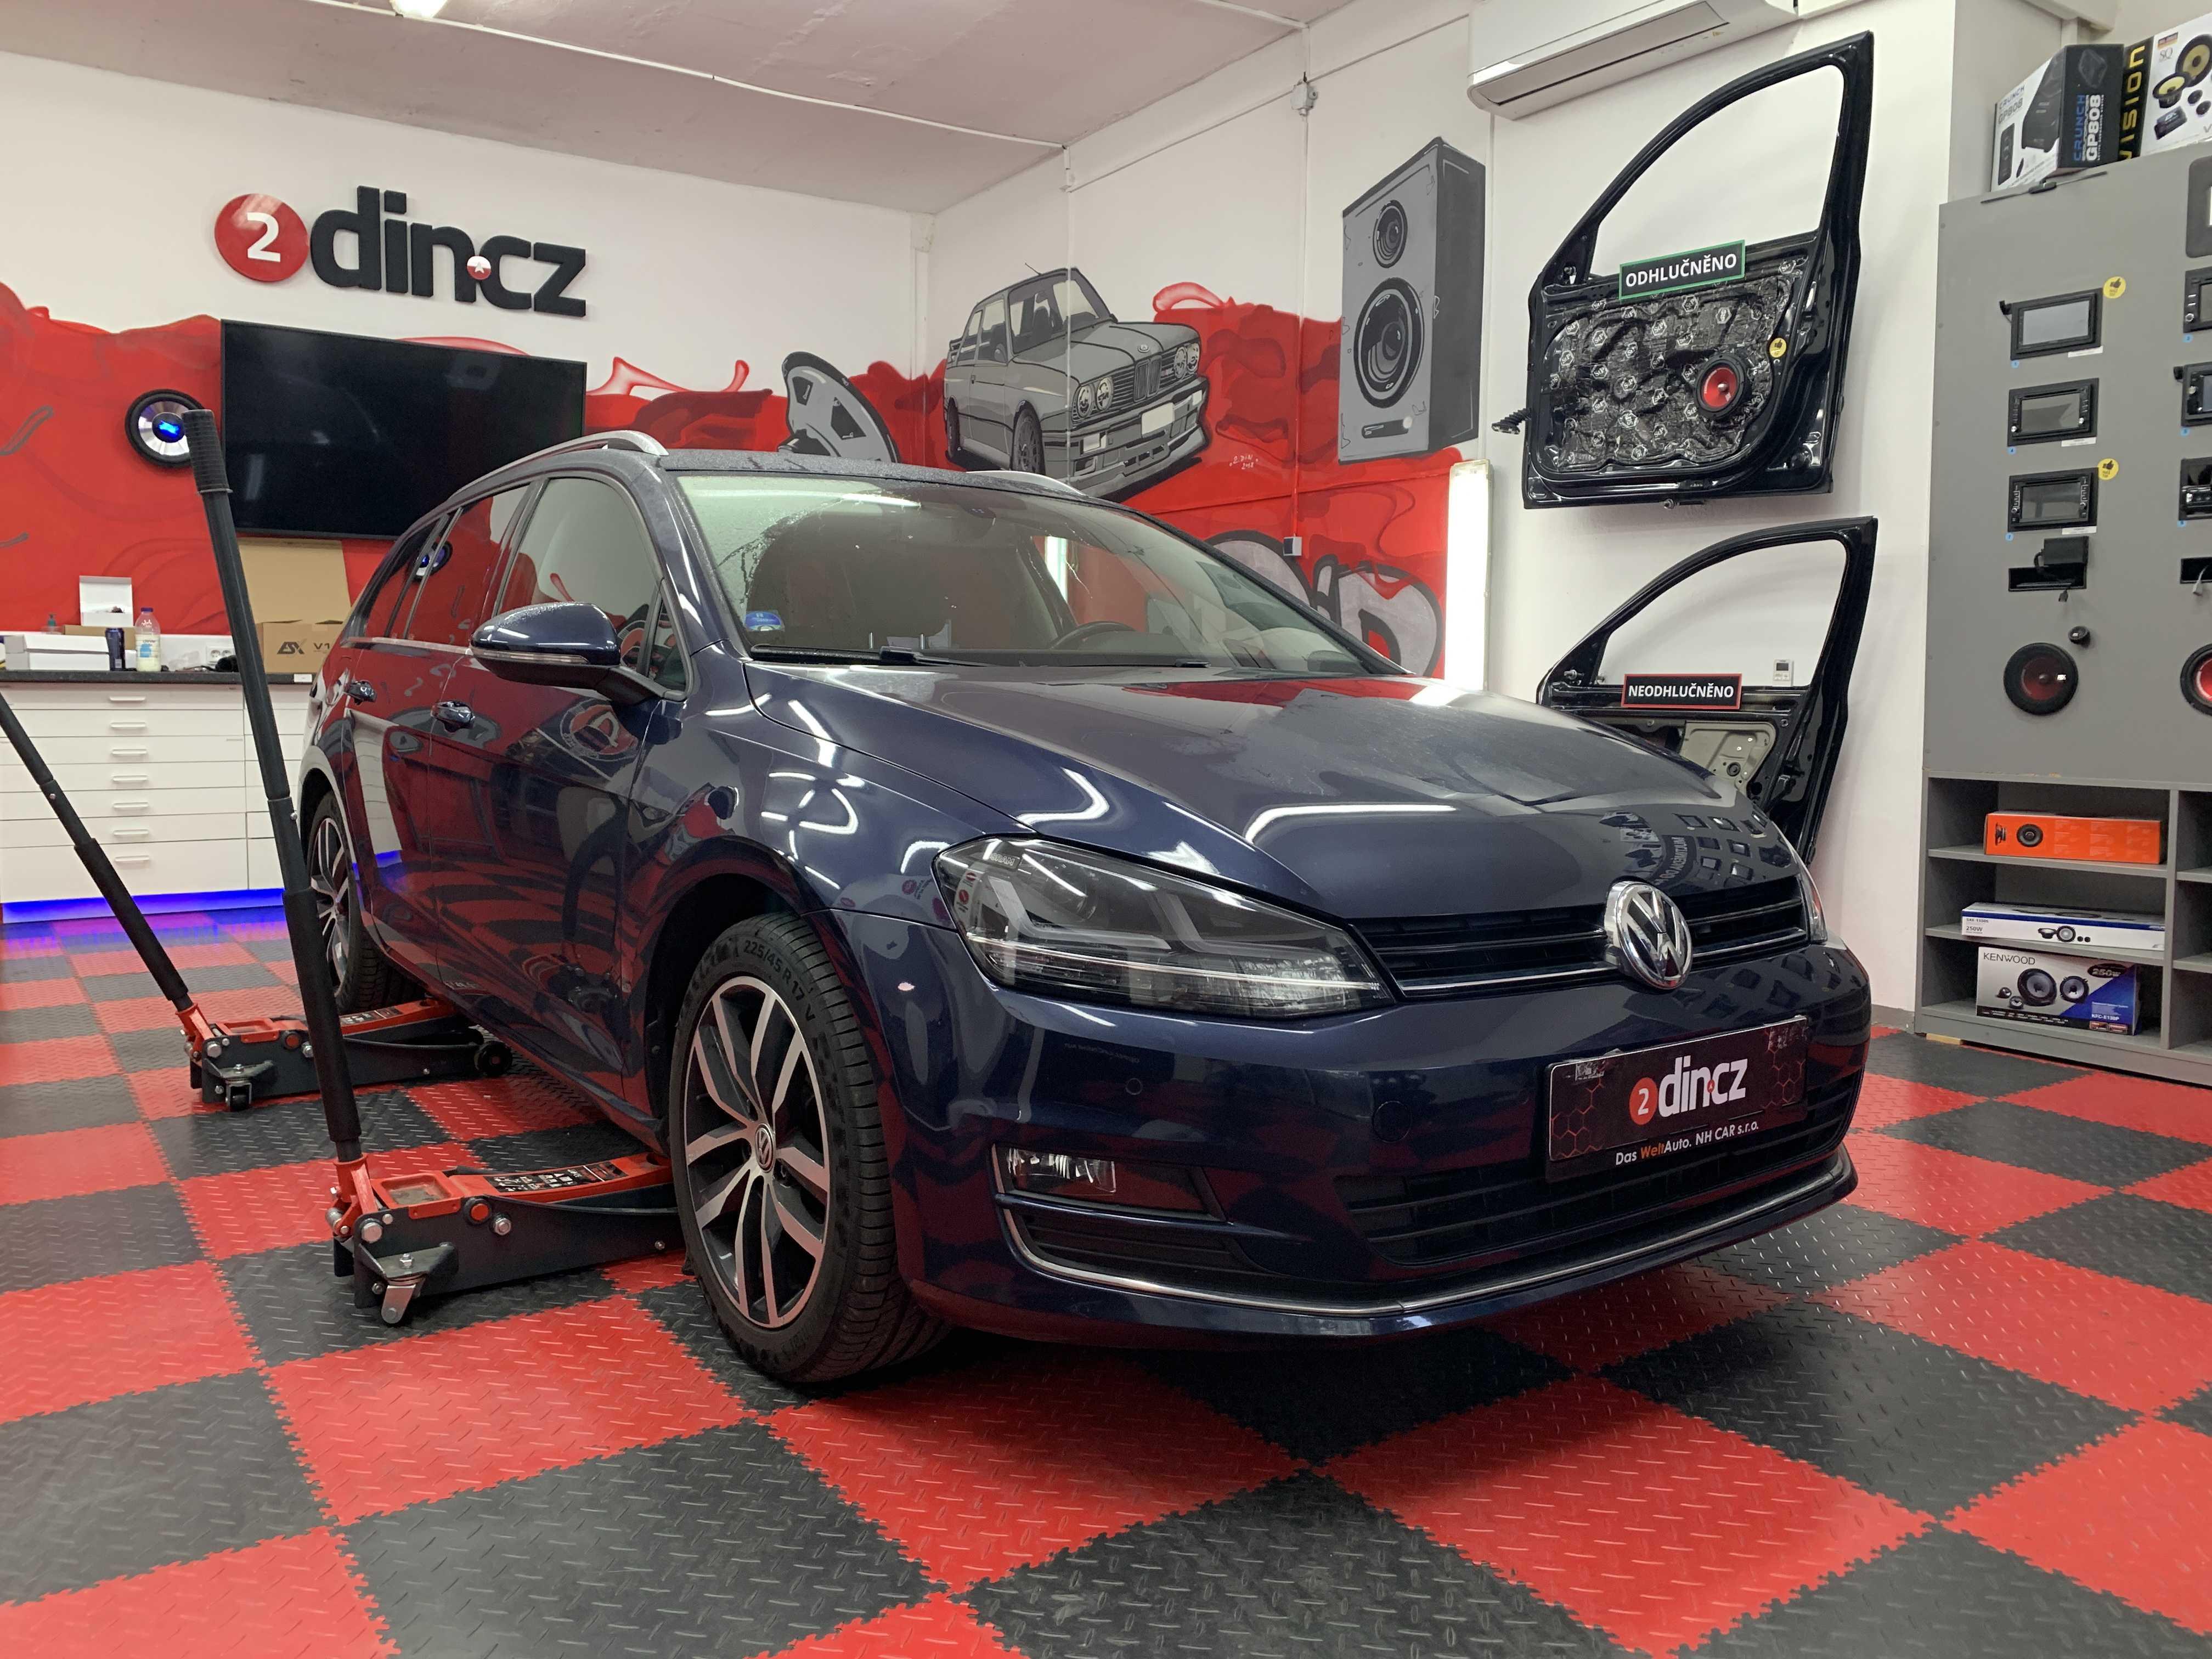 VW Golf VII - Odhlučnění a montáž couvací kamery